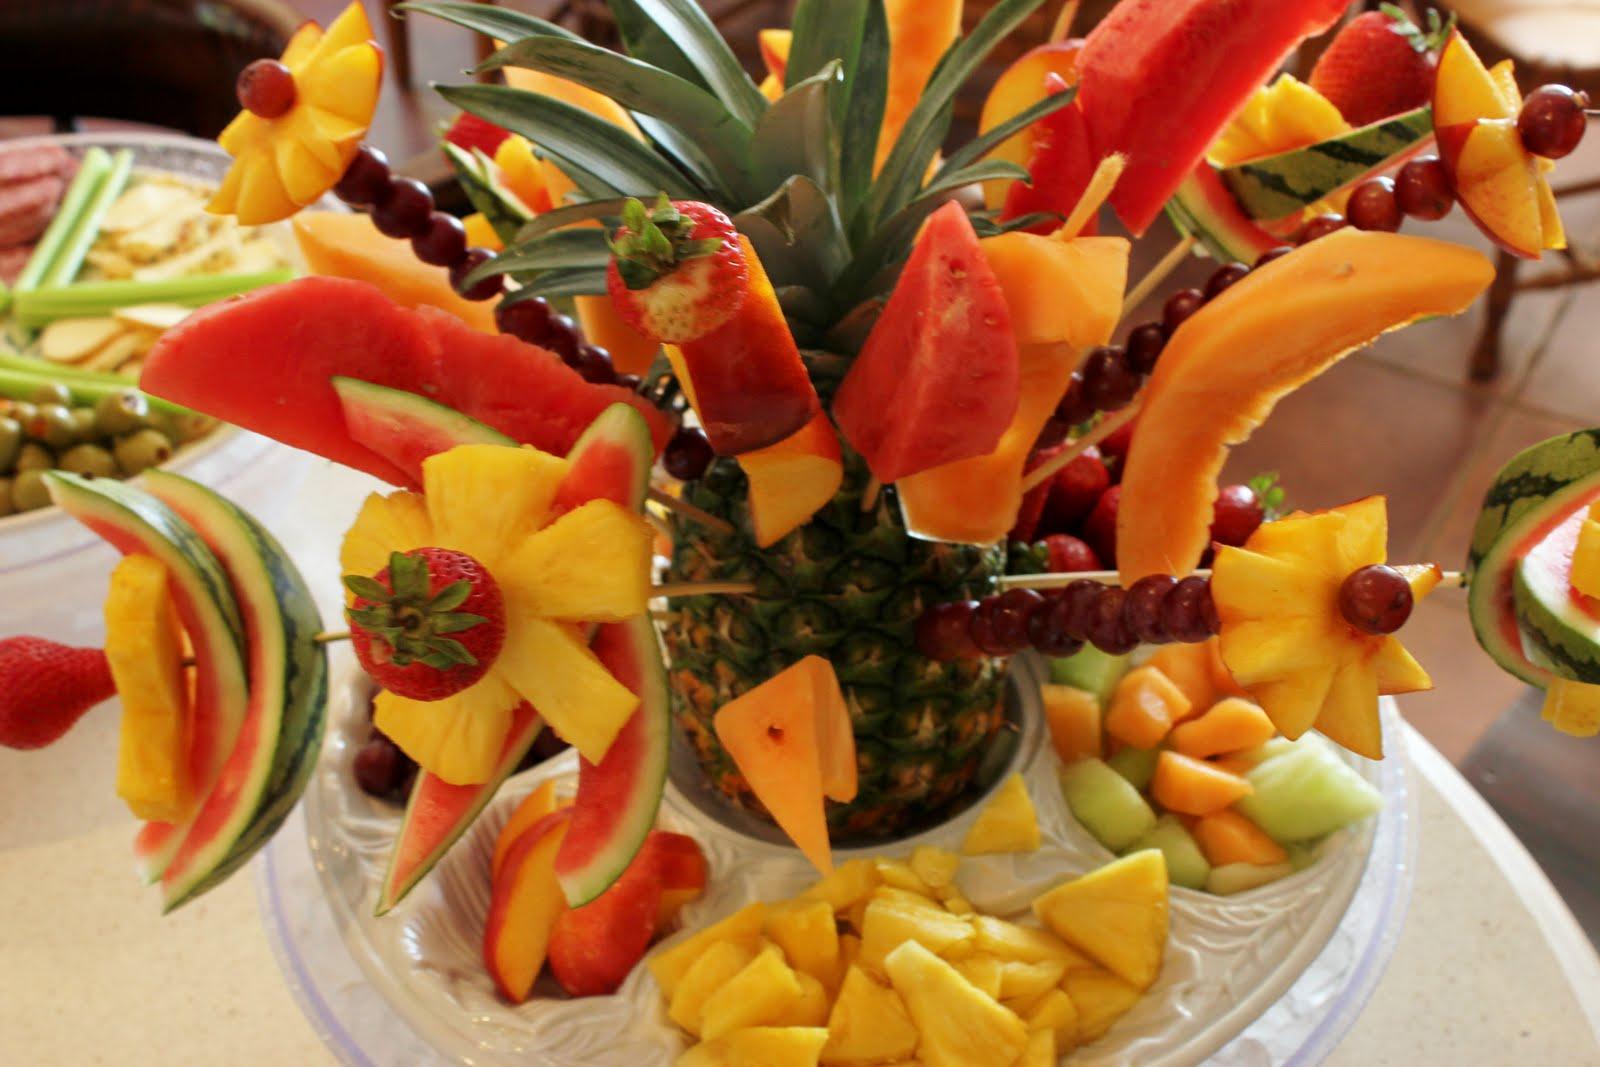 http://2.bp.blogspot.com/-rab-s83QUn8/Tl6IJQ0waDI/AAAAAAAAAXA/zQoseQAAUYc/s1600/Fruit%2BTray%2BAppetiser%2BFruit%2BArt%2BFruit%2BFlowers%2BDecorating.jpg